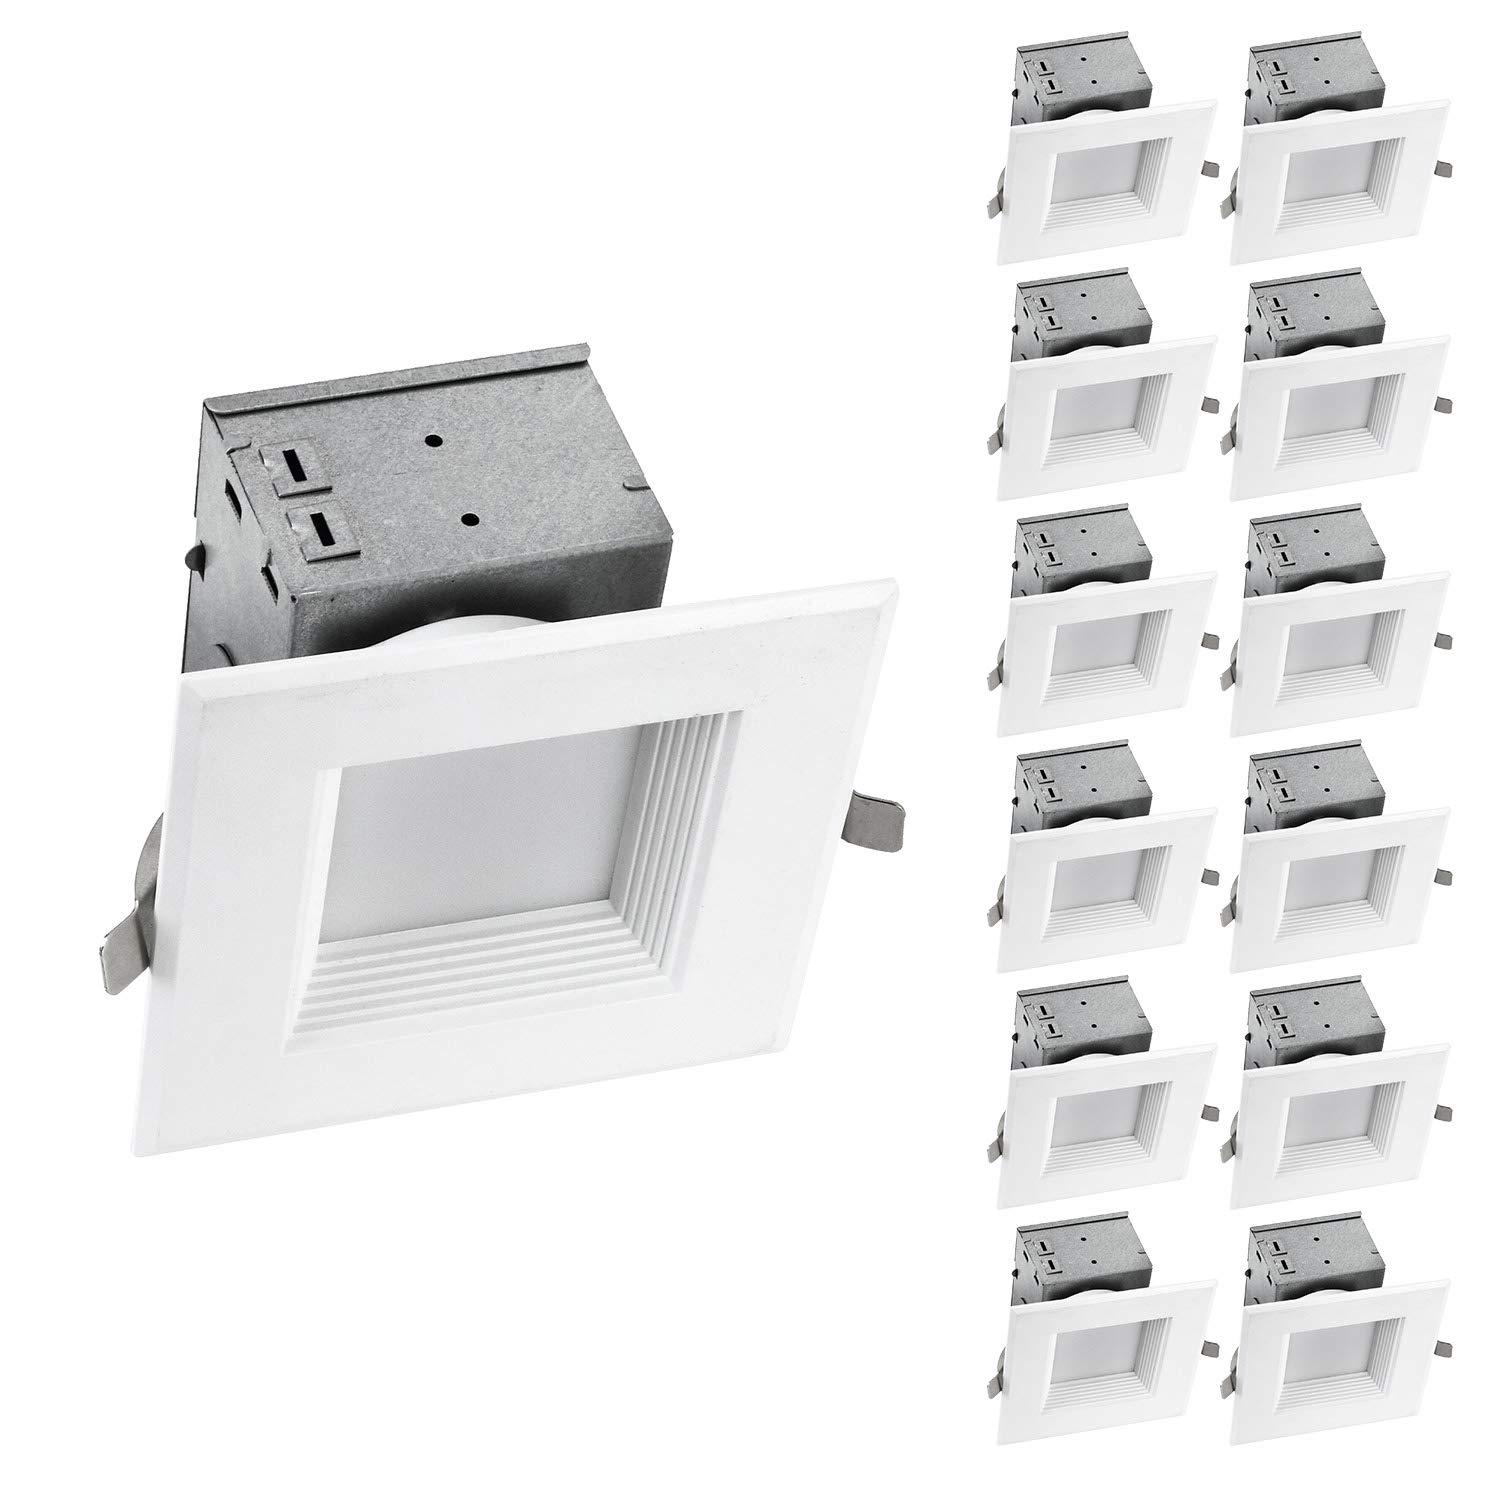 【高額売筋】 OSTWIN スクエア Pack B07LC8R6NG LED ダウンライト レトロフィット 内蔵 J-BOX 4インチ 4インチ 12 Pack OW-LDLOBR-4D1040W-12-PACK B07LC8R6NG 5000K (Daylight) 12 Pack 12 Pack|5000K (Daylight), 堅実な究極の:a462c928 --- a0267596.xsph.ru